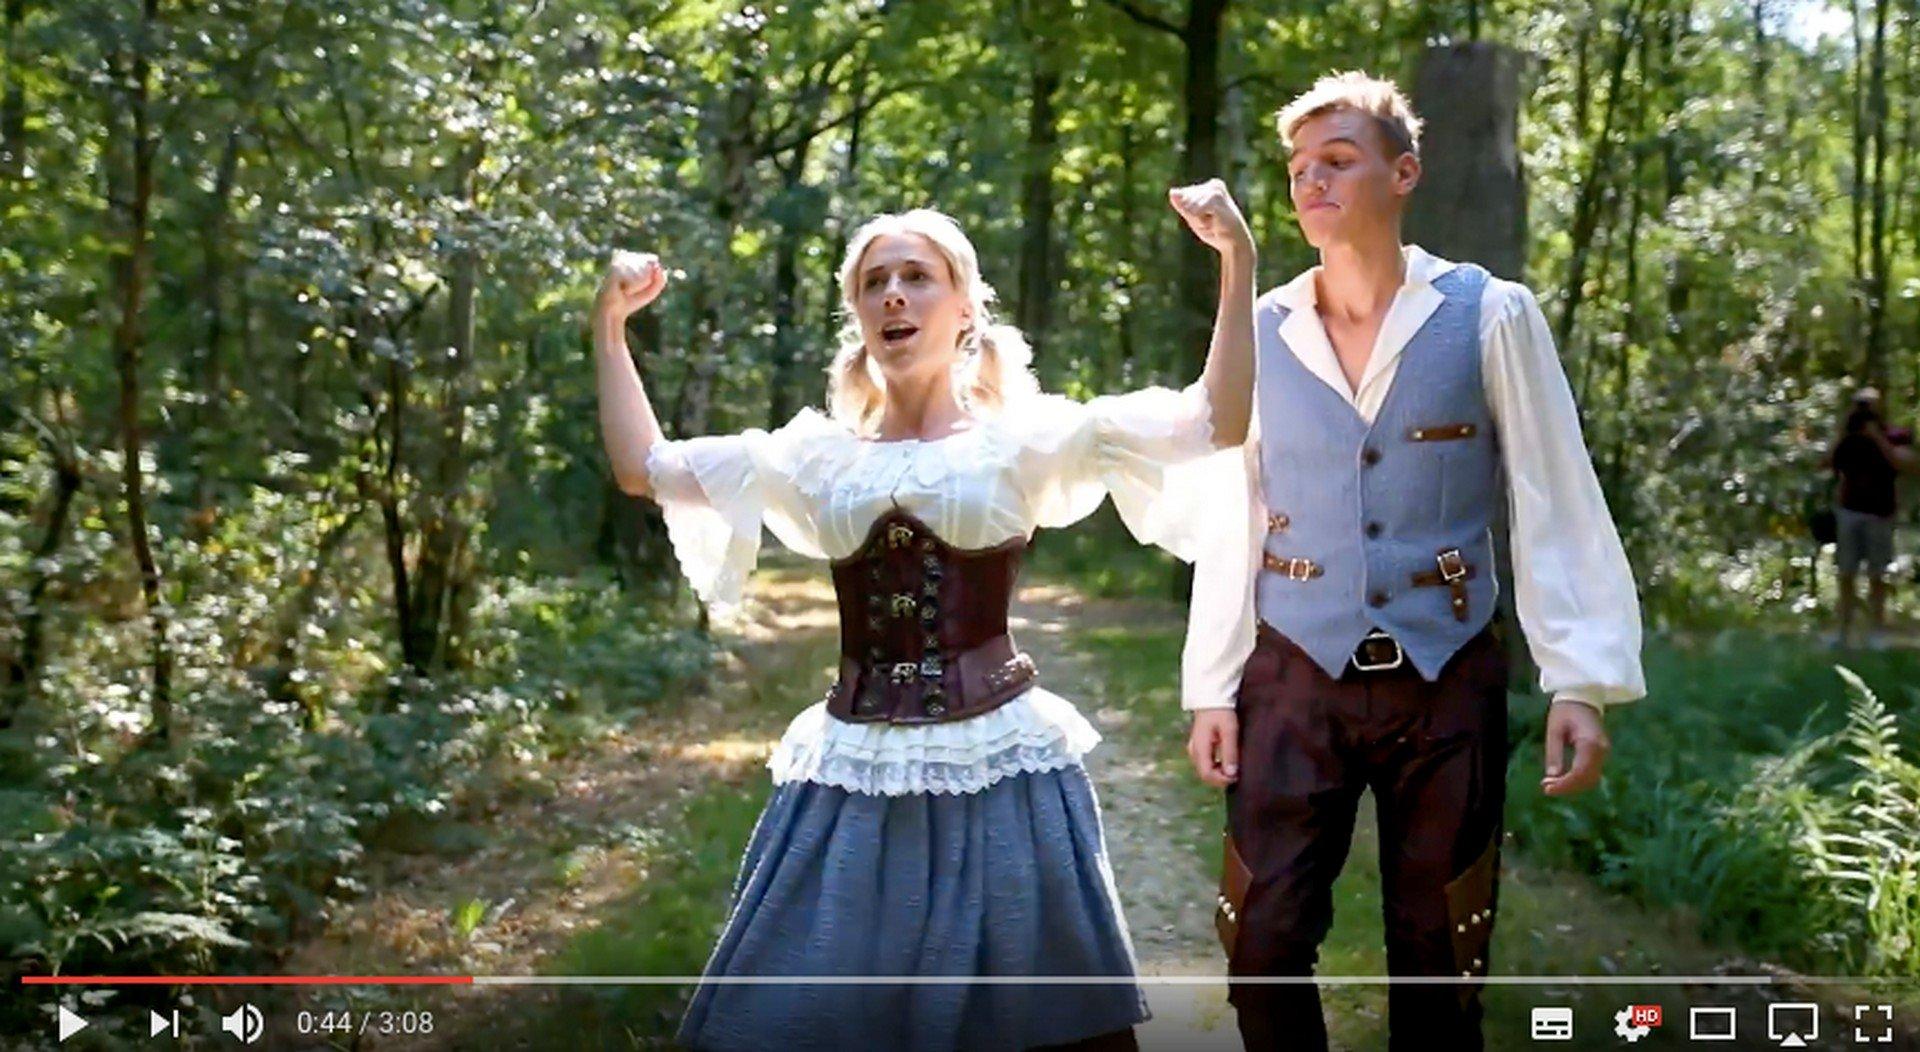 Music Hall lanceert eerste single én clip van gloednieuwe sprookjesmusical - ns en Grietje 7